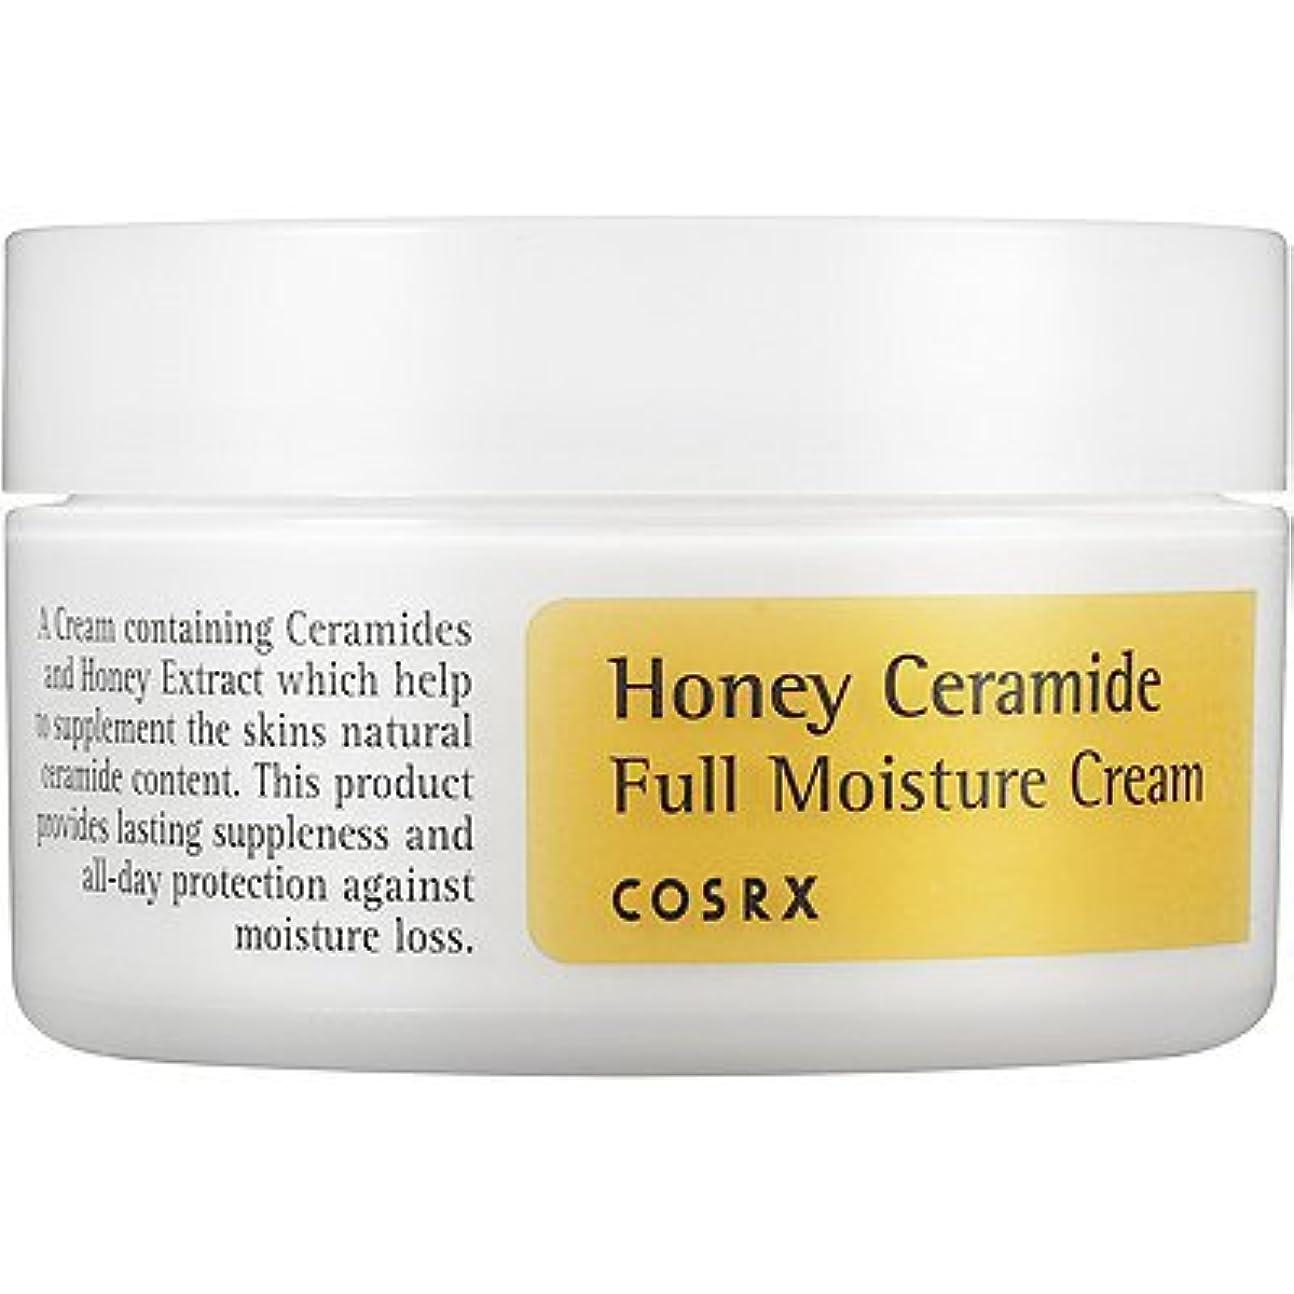 方法効果的きしむCOSRX Honey Ceramide Full Moisture Cream 50g/ハニーセラミド フル モイスチャークリーム -50g [並行輸入品]